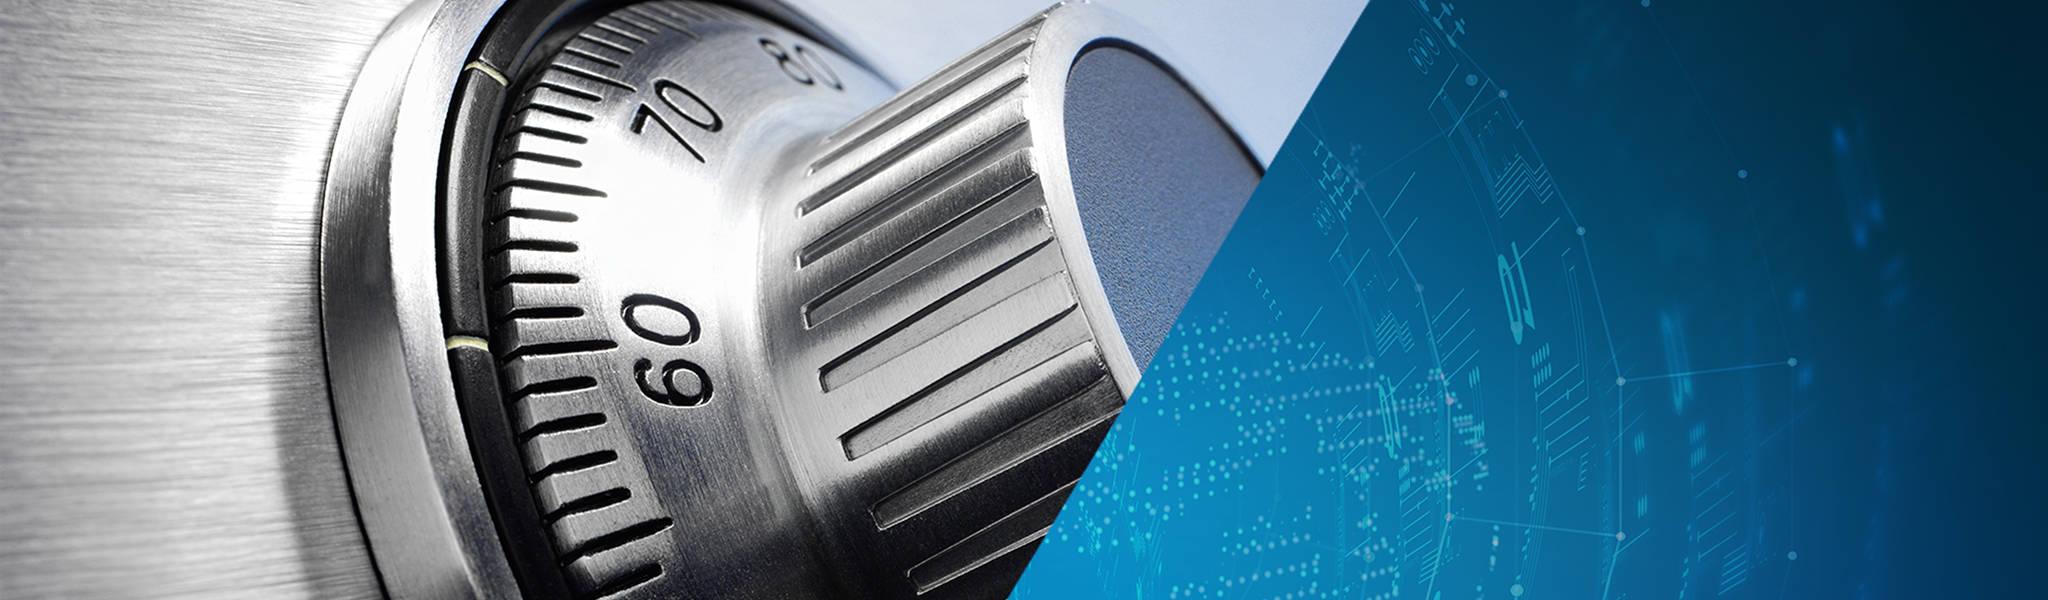 Silbernes Stellrad eines Tresors, das das Thema IT-Sicherheit illustriert